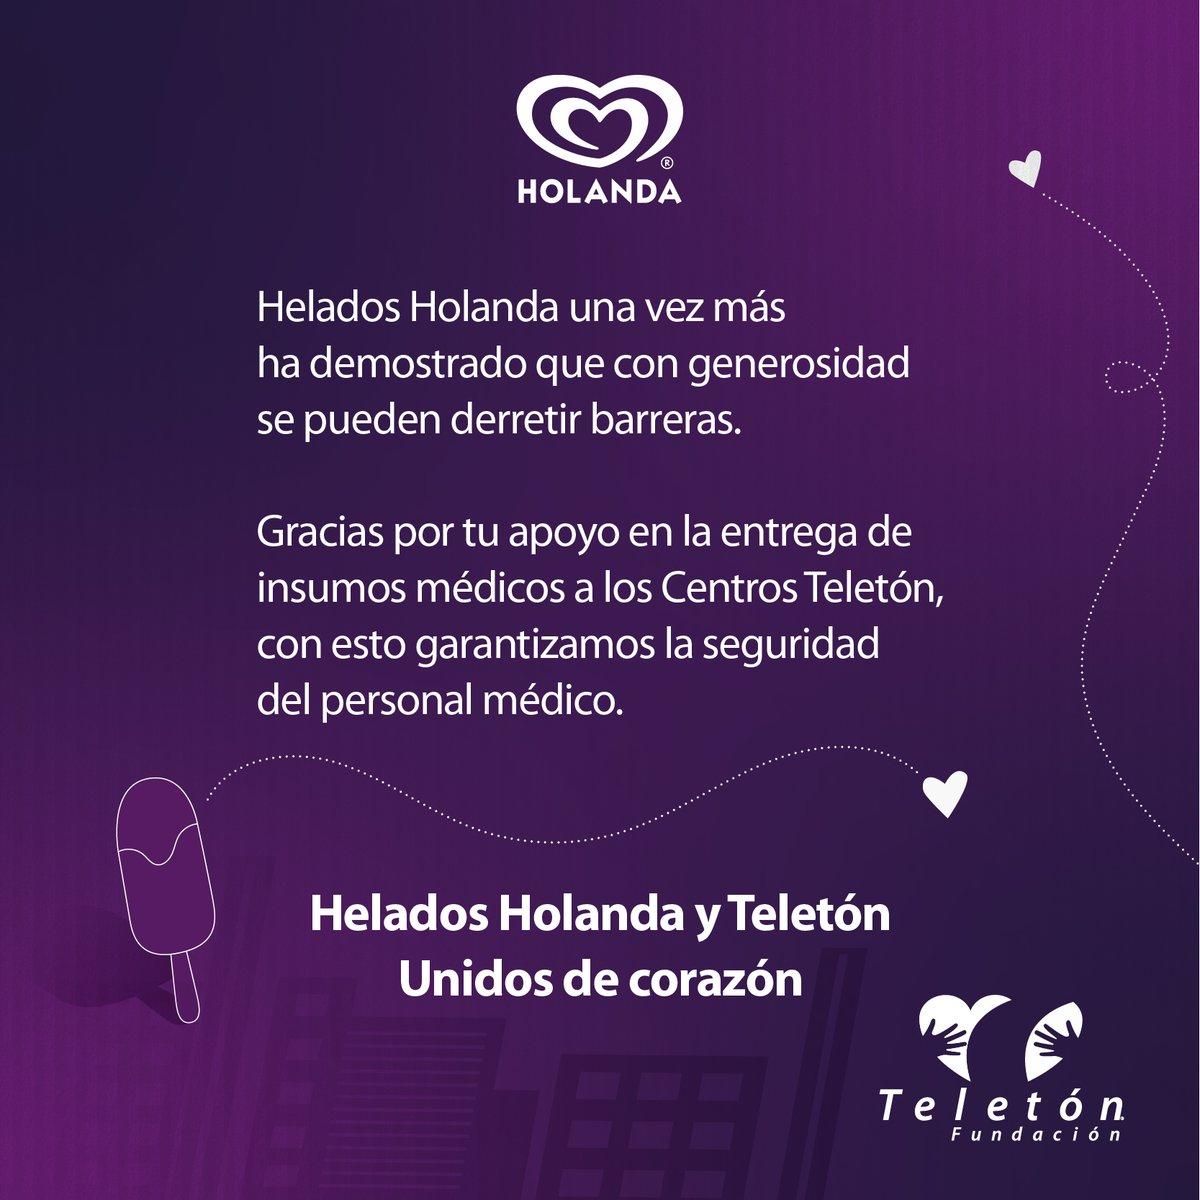 Gracias, @Helados_Holanda, ¡gracias de corazón! 🍦😋  #NosMueveMéxico https://t.co/aEk89OD0lC